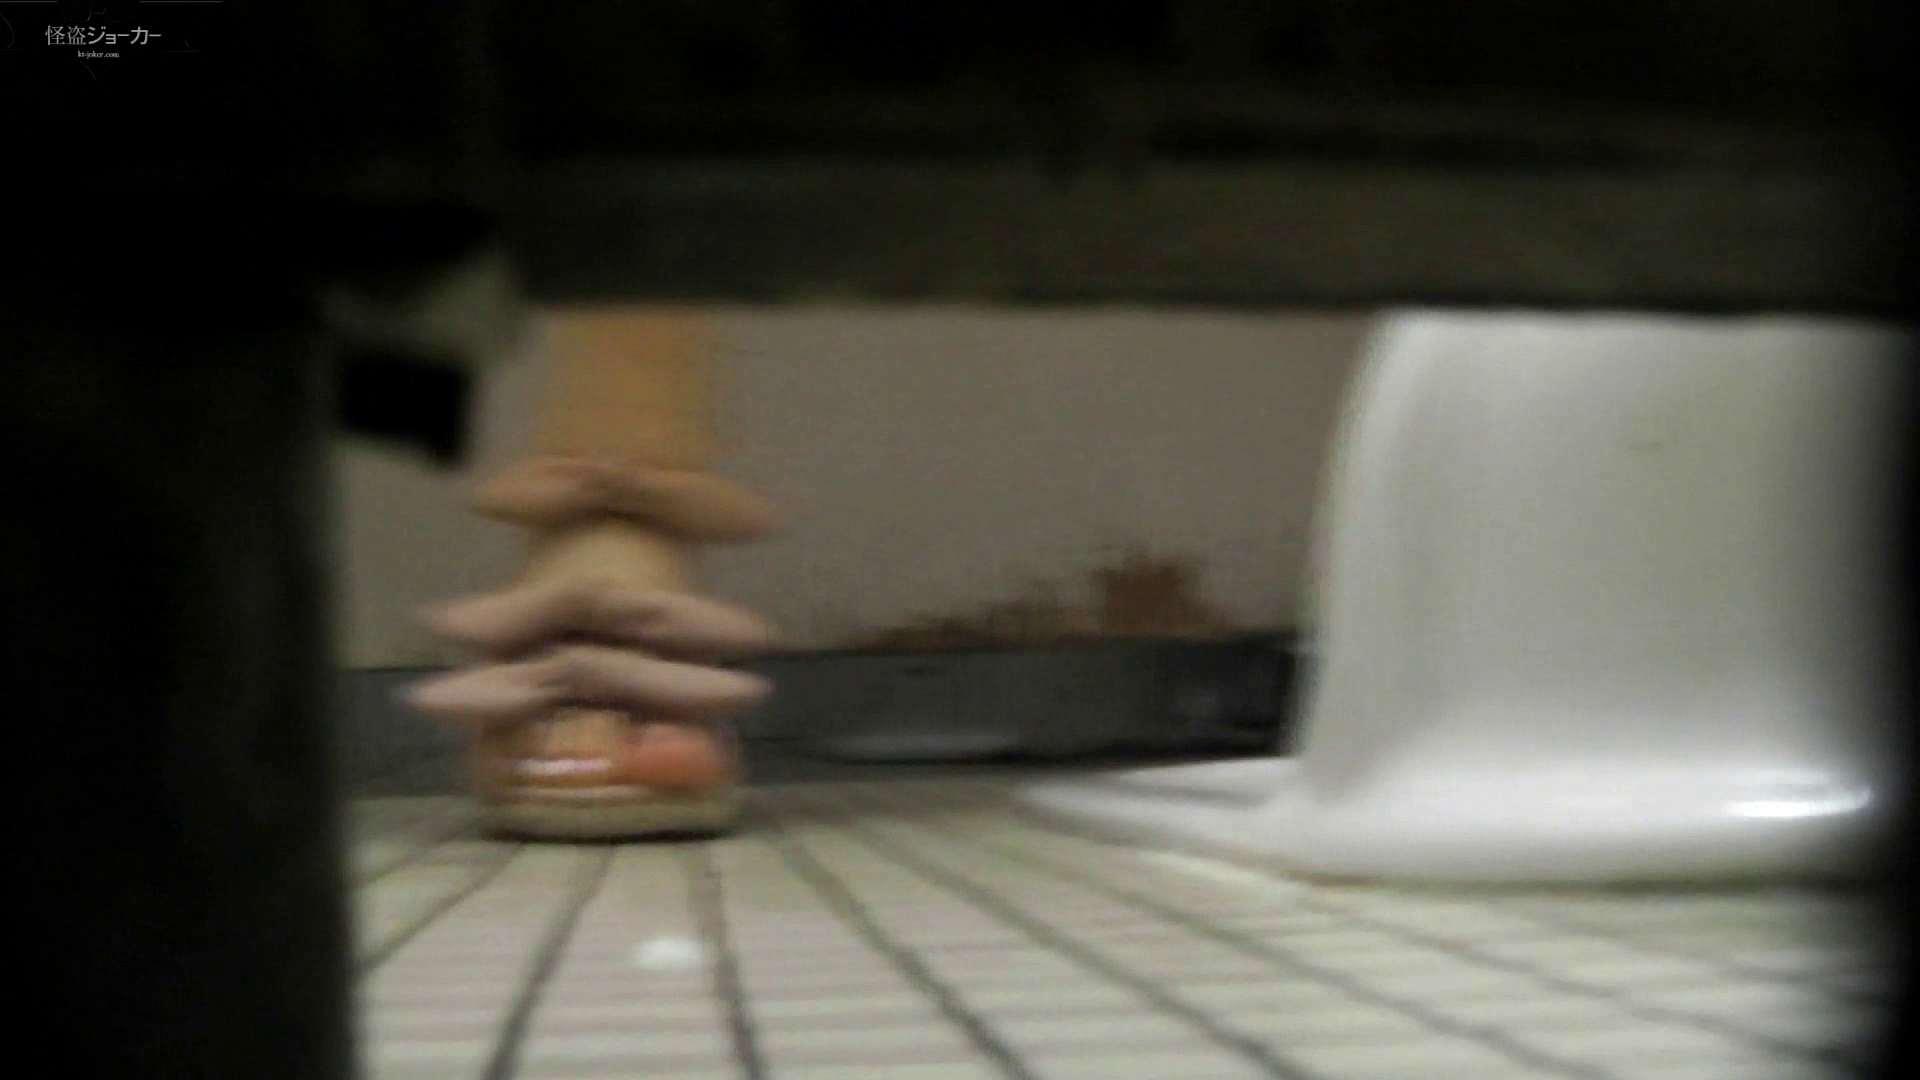 【美しき個室な世界】洗面所特攻隊 vol.051 洗面所  49pic 36